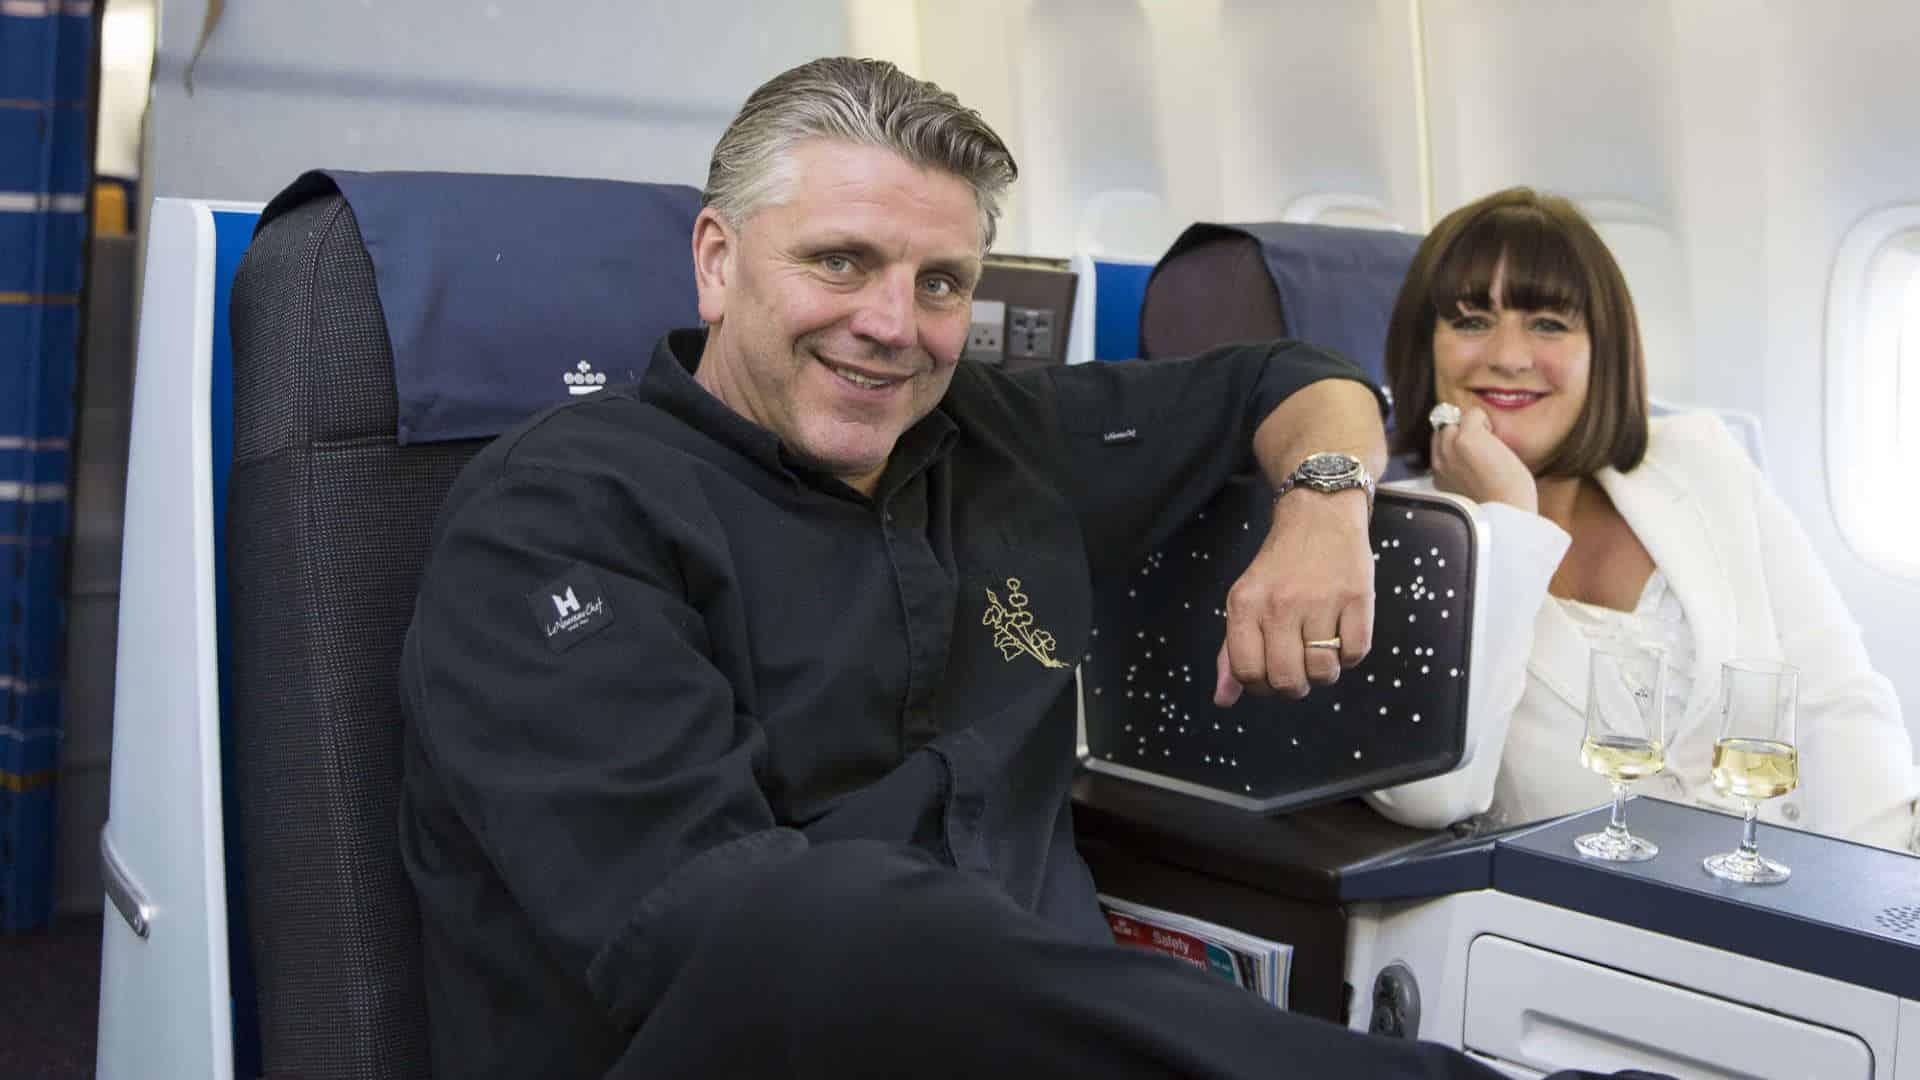 KLM_Wine-Tasting-Flight-AMS-SFO